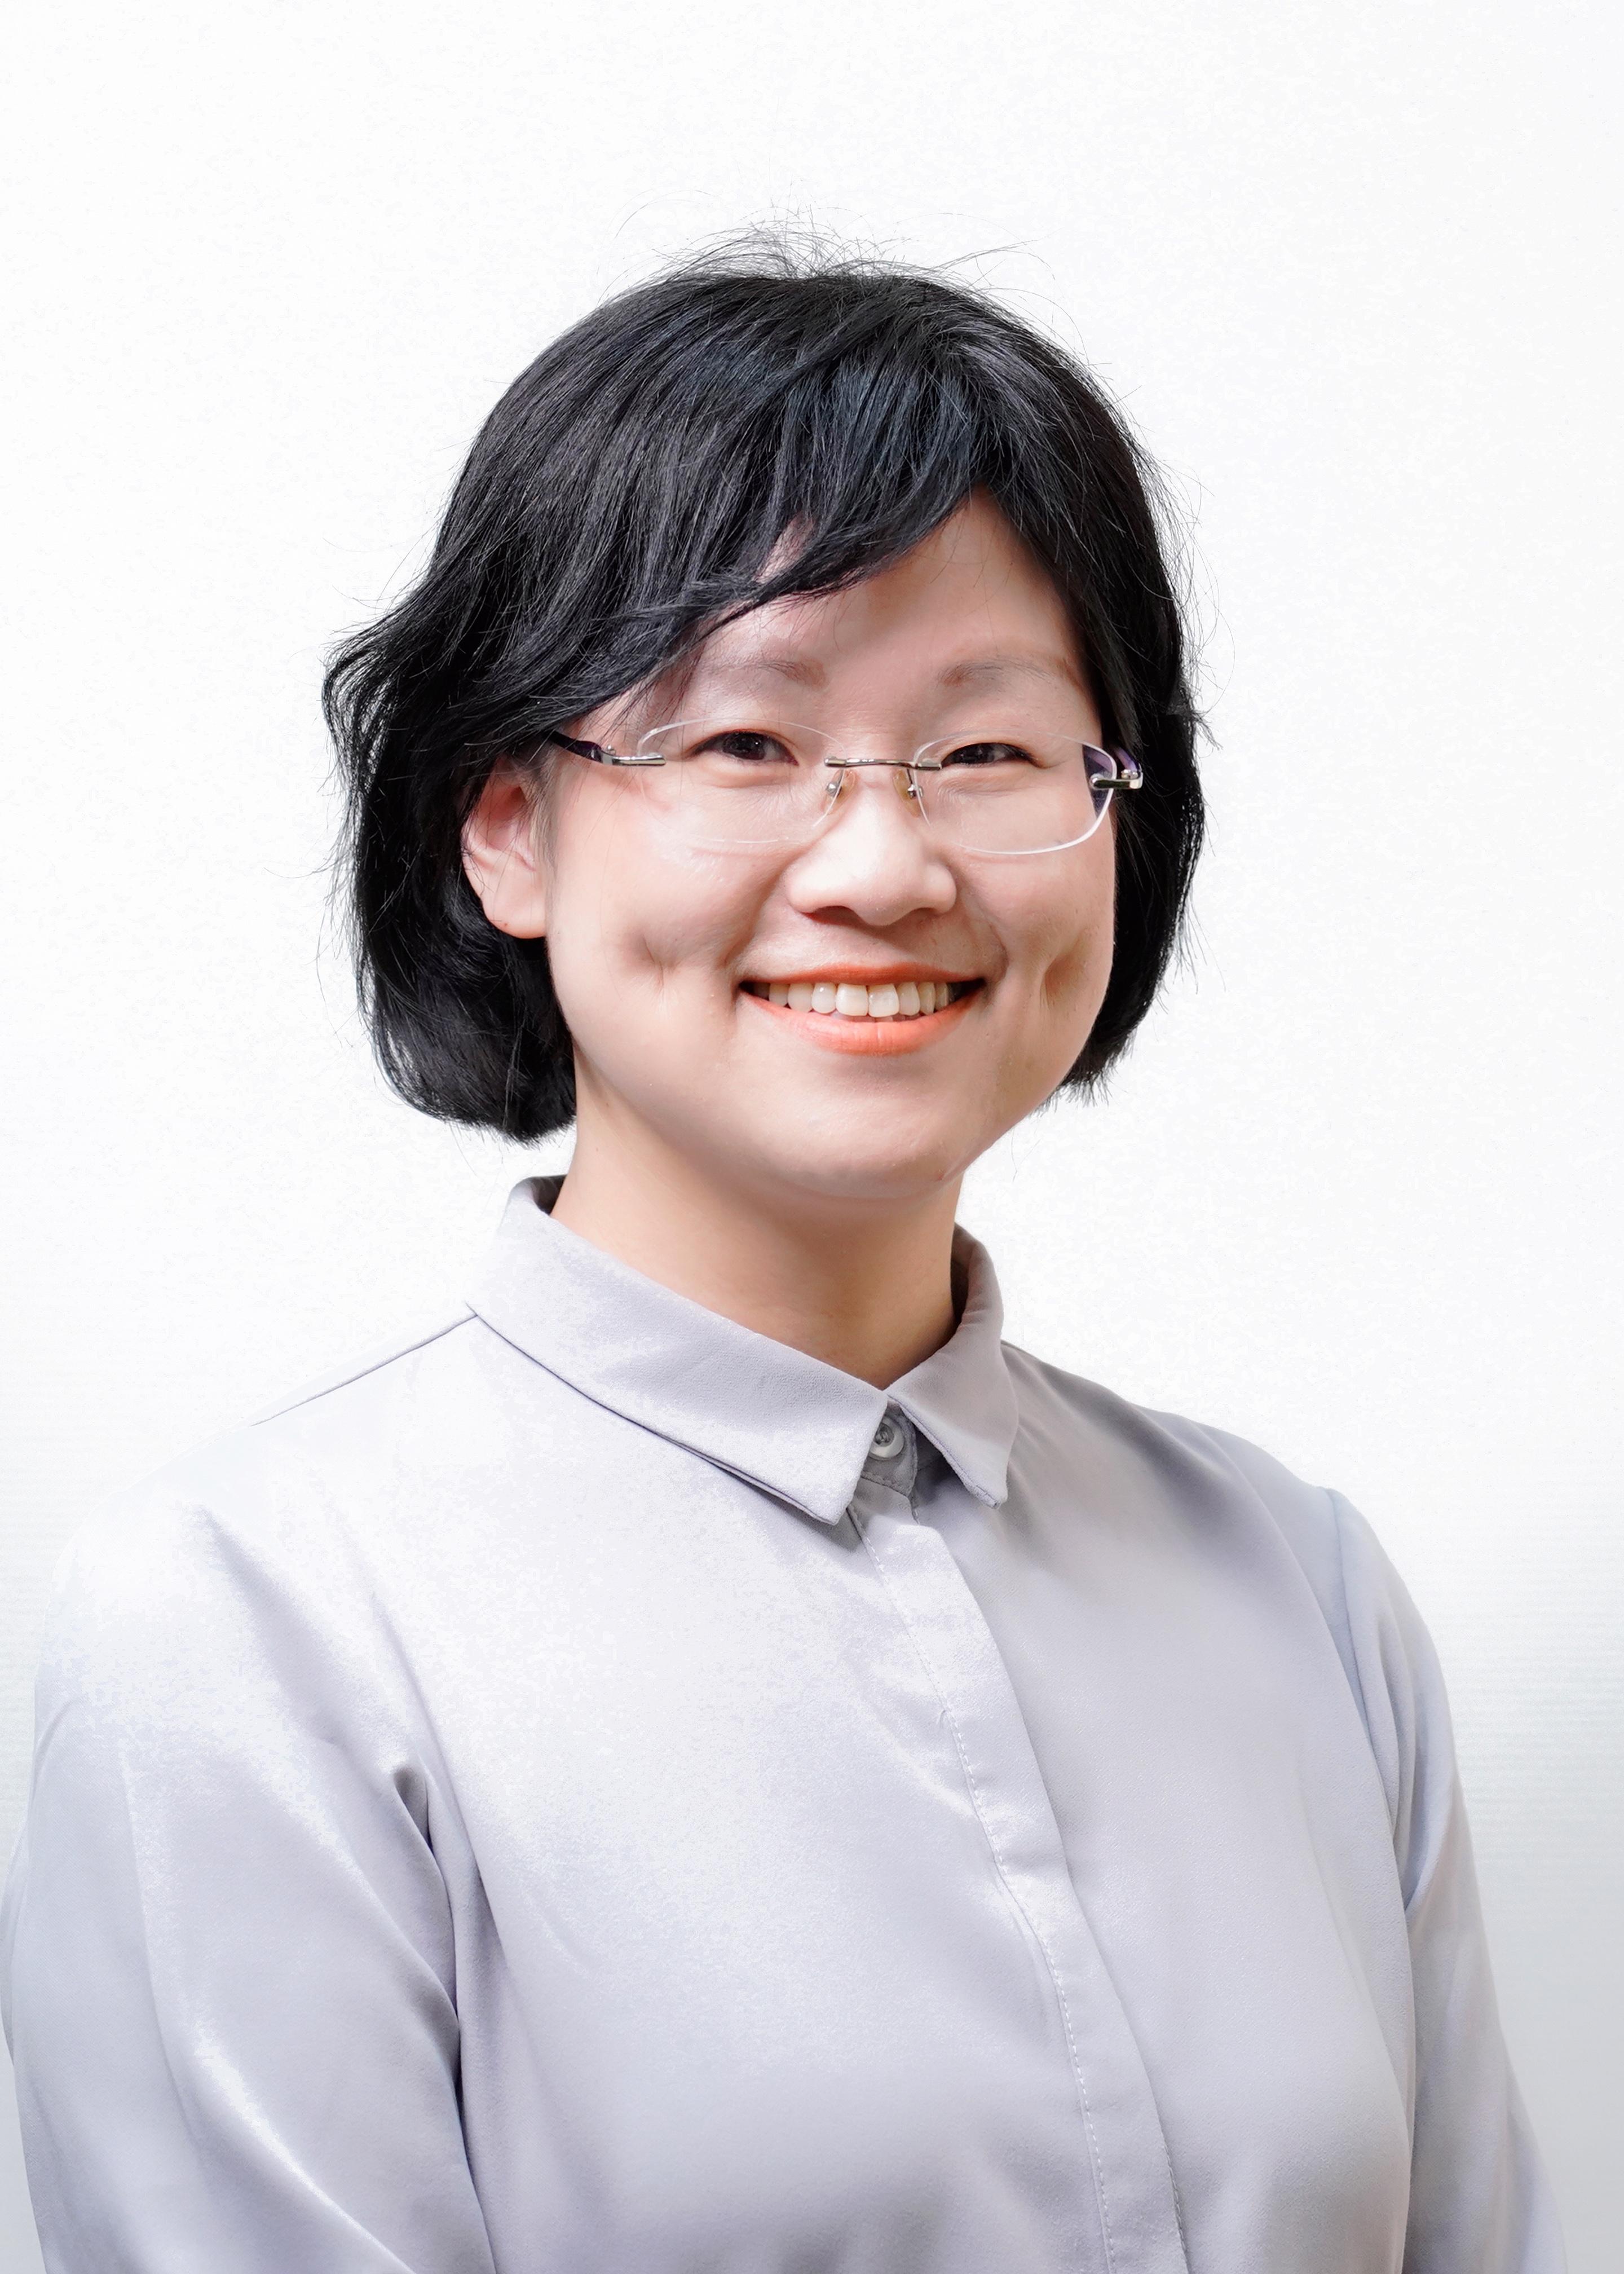 Ms. Fan Ruan